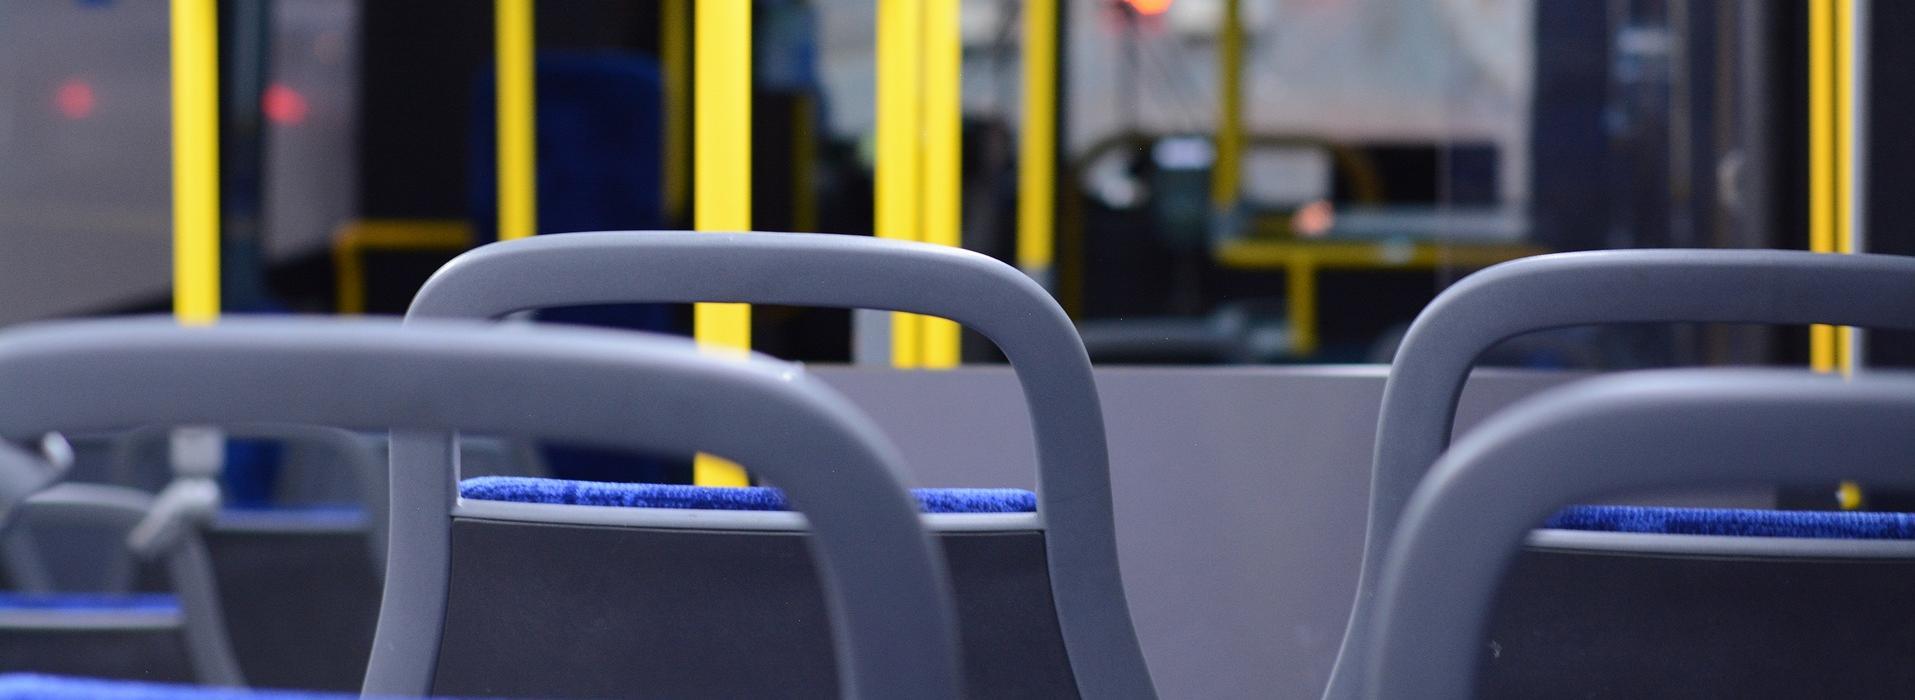 Sitze in einem Bus Bus_Sitze.jpg